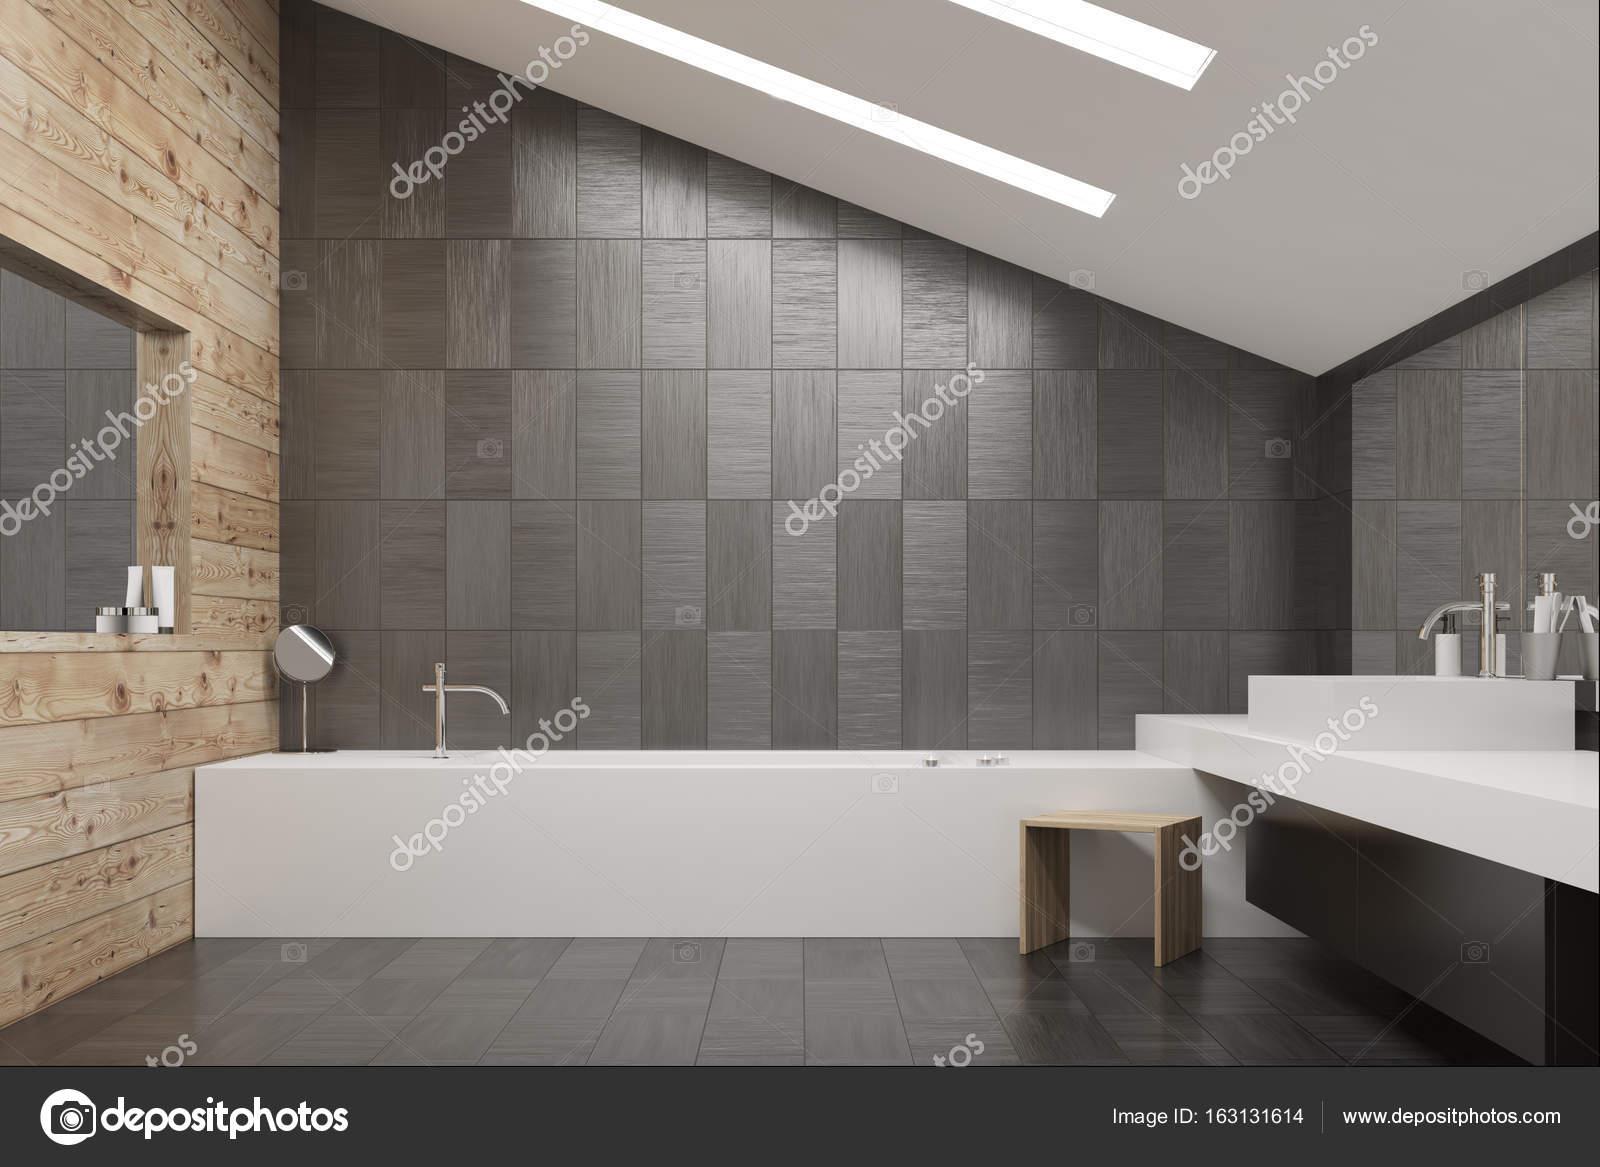 Dunkelgrau Geflieste Und Hölzernen Badezimmer Interieur Mit Einem  Fliesenboden, Eine Eckige Badewanne Und Waschbecken Und Zwei Spiegel.